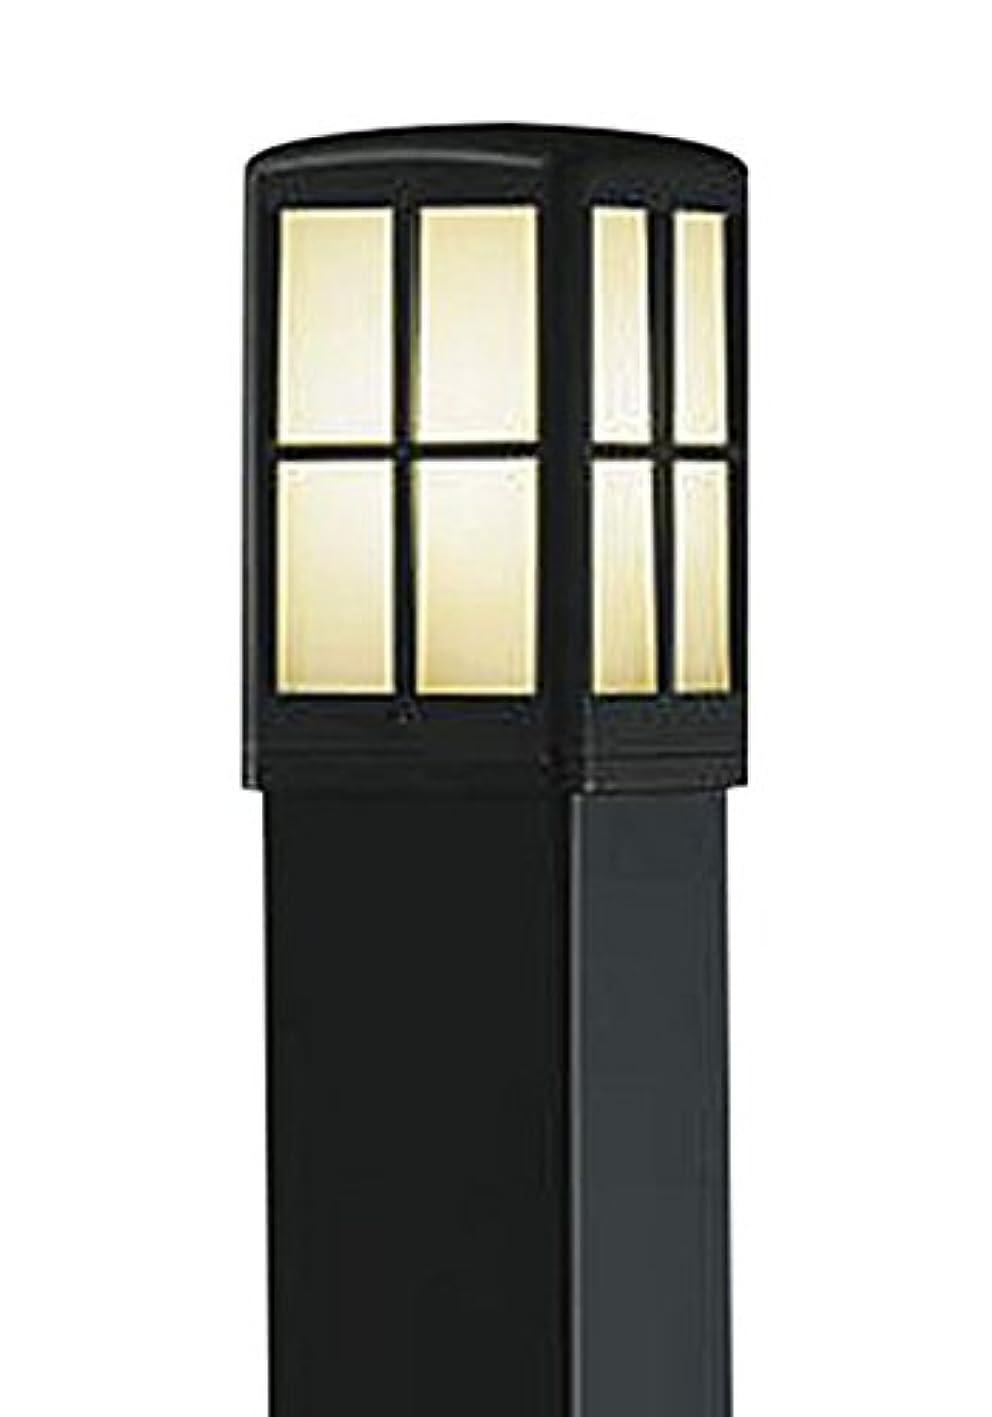 薄める誤解させるなめるコイズミ照明 ガーデンライト(灯具のみ) 白熱球60W相当 電球色 AU38618L